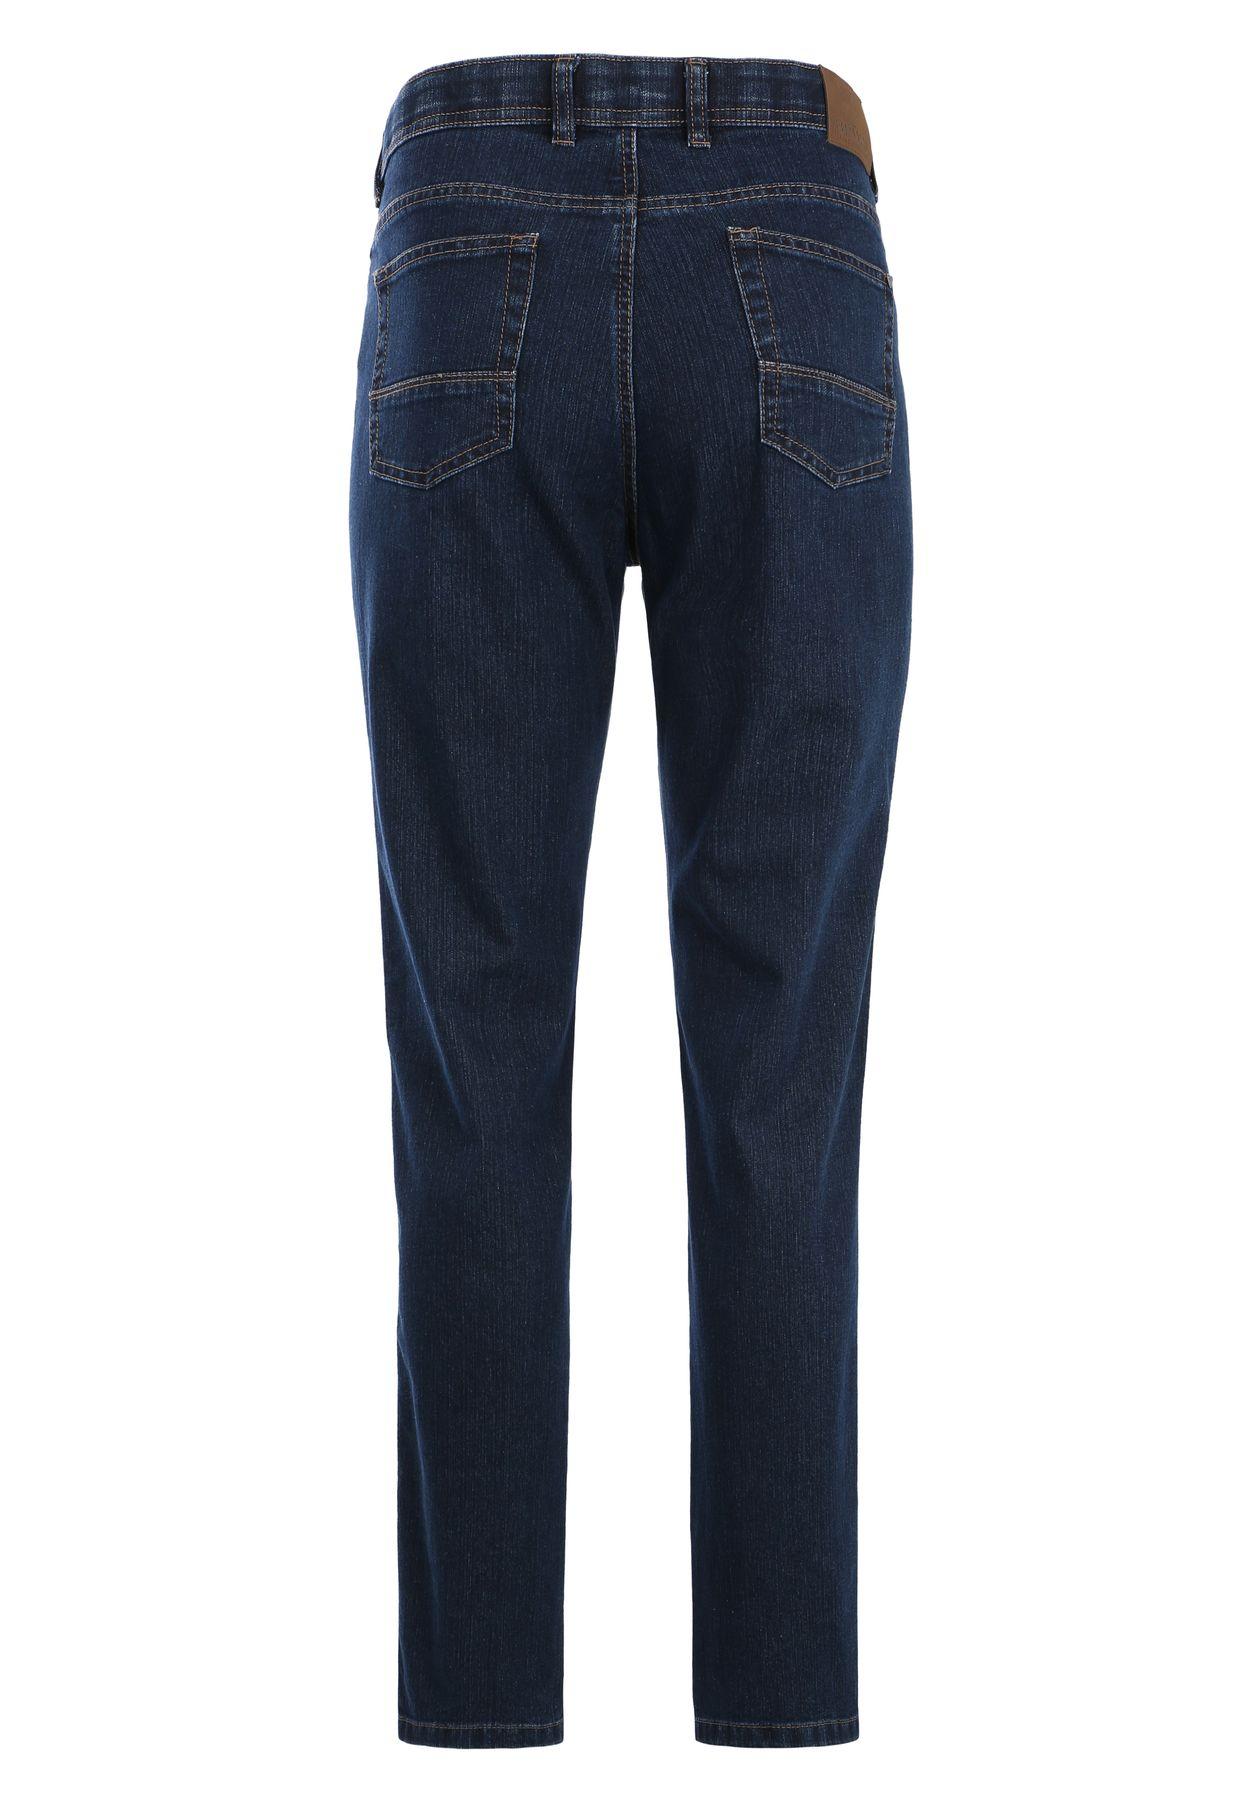 Brühl - Herren Five-Pocket Jeans in verschiedenen Farben, Genua 3 (0534003142100) – Bild 2